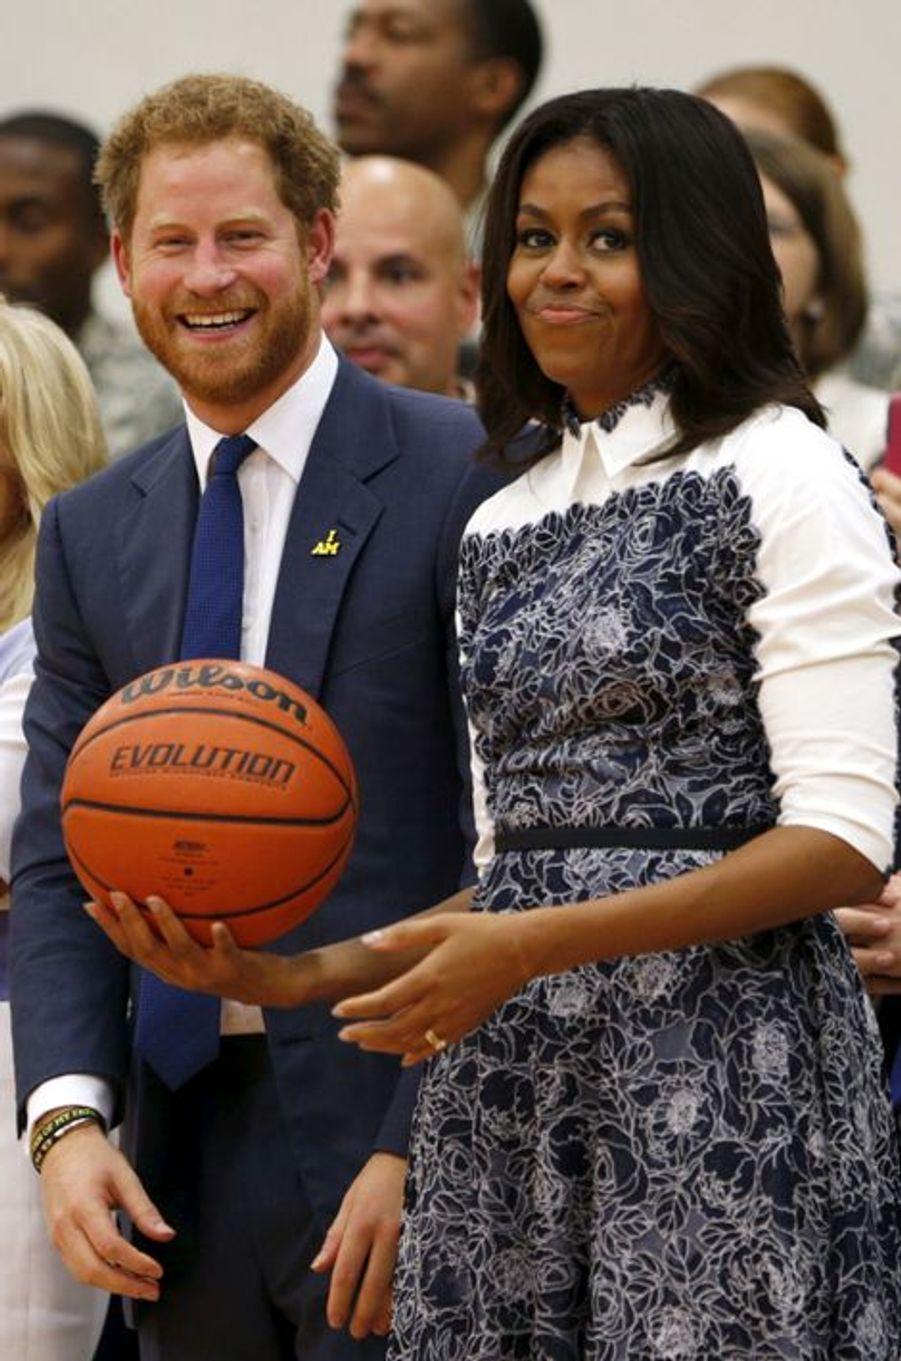 Le prince Harry avec Michelle Obama à Fort Belvoir en Virginie, le 28 octobre 2015